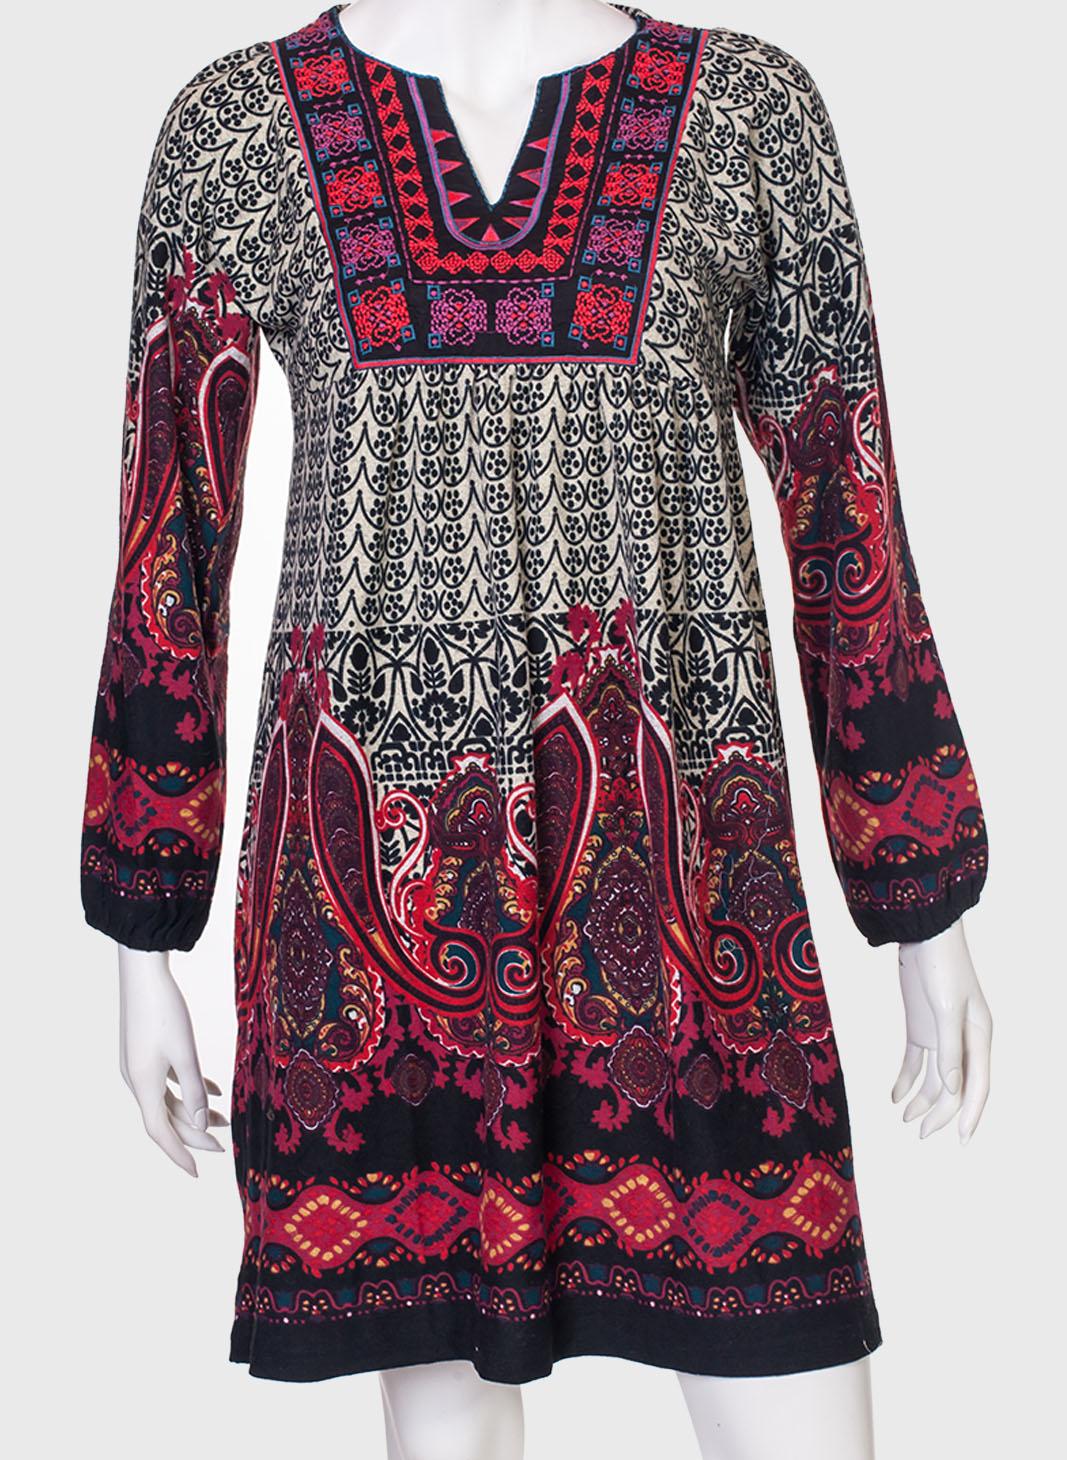 Эффектное платье в этно-стиле от Adatti